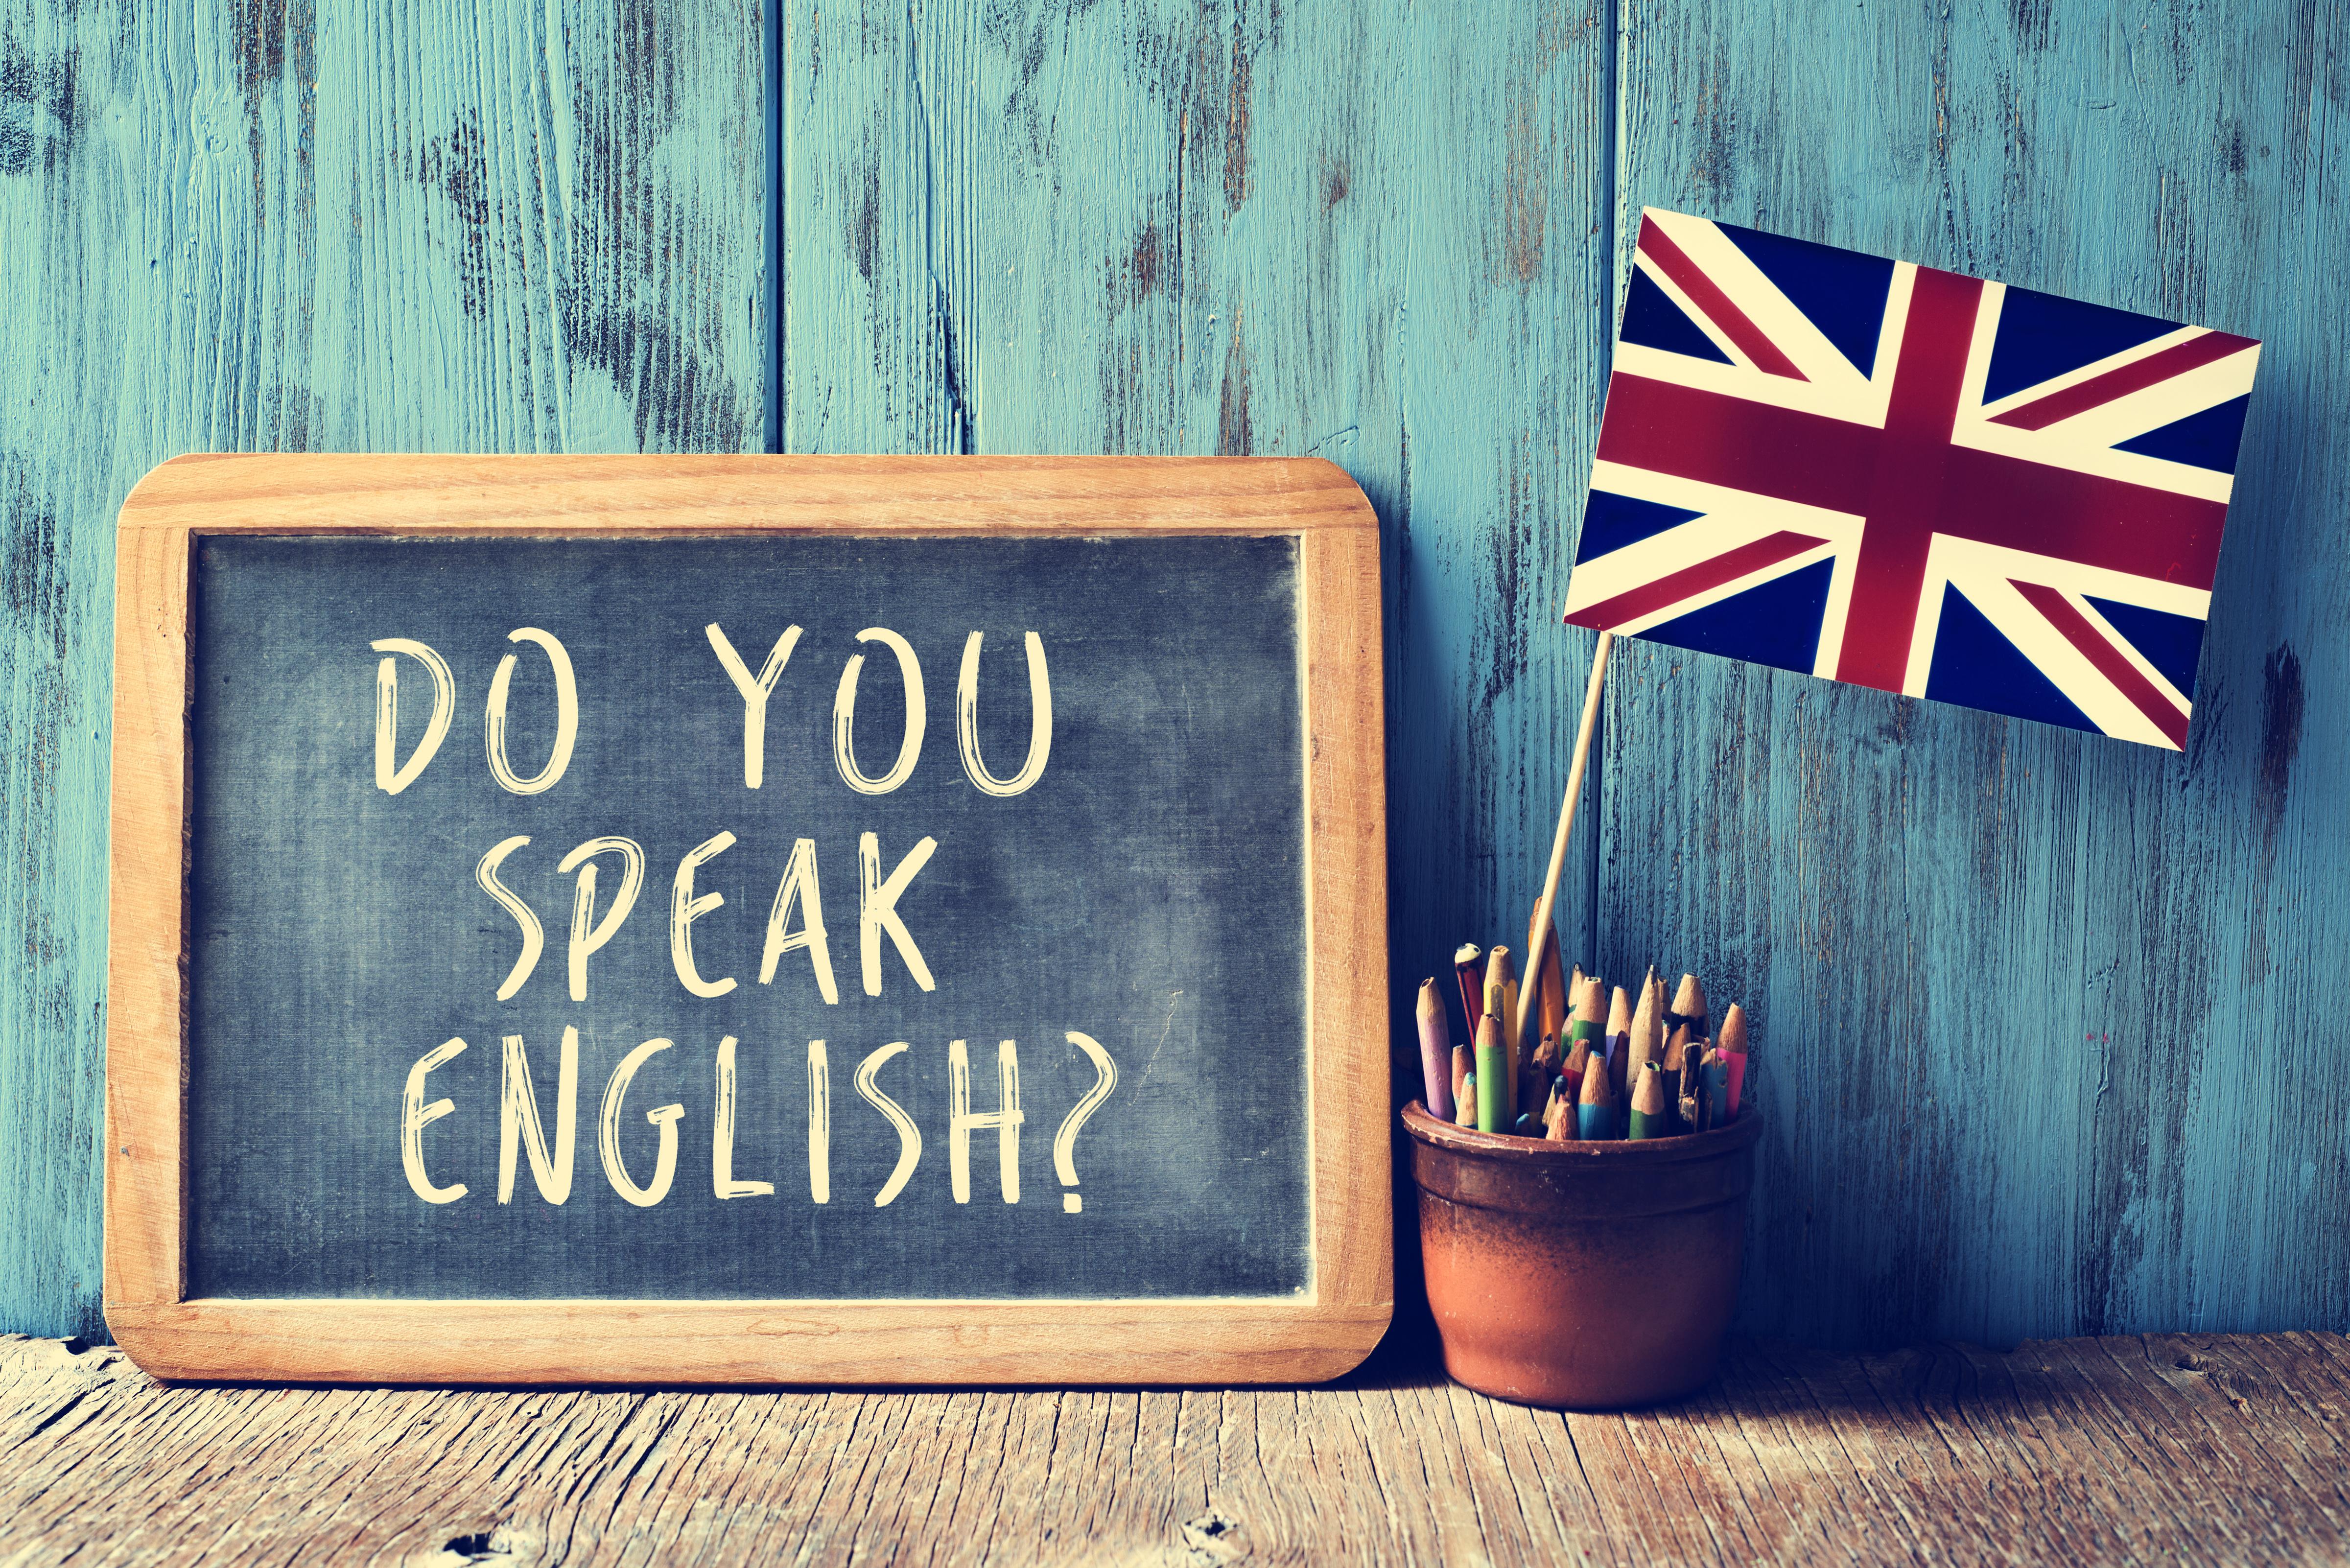 Języki w CV